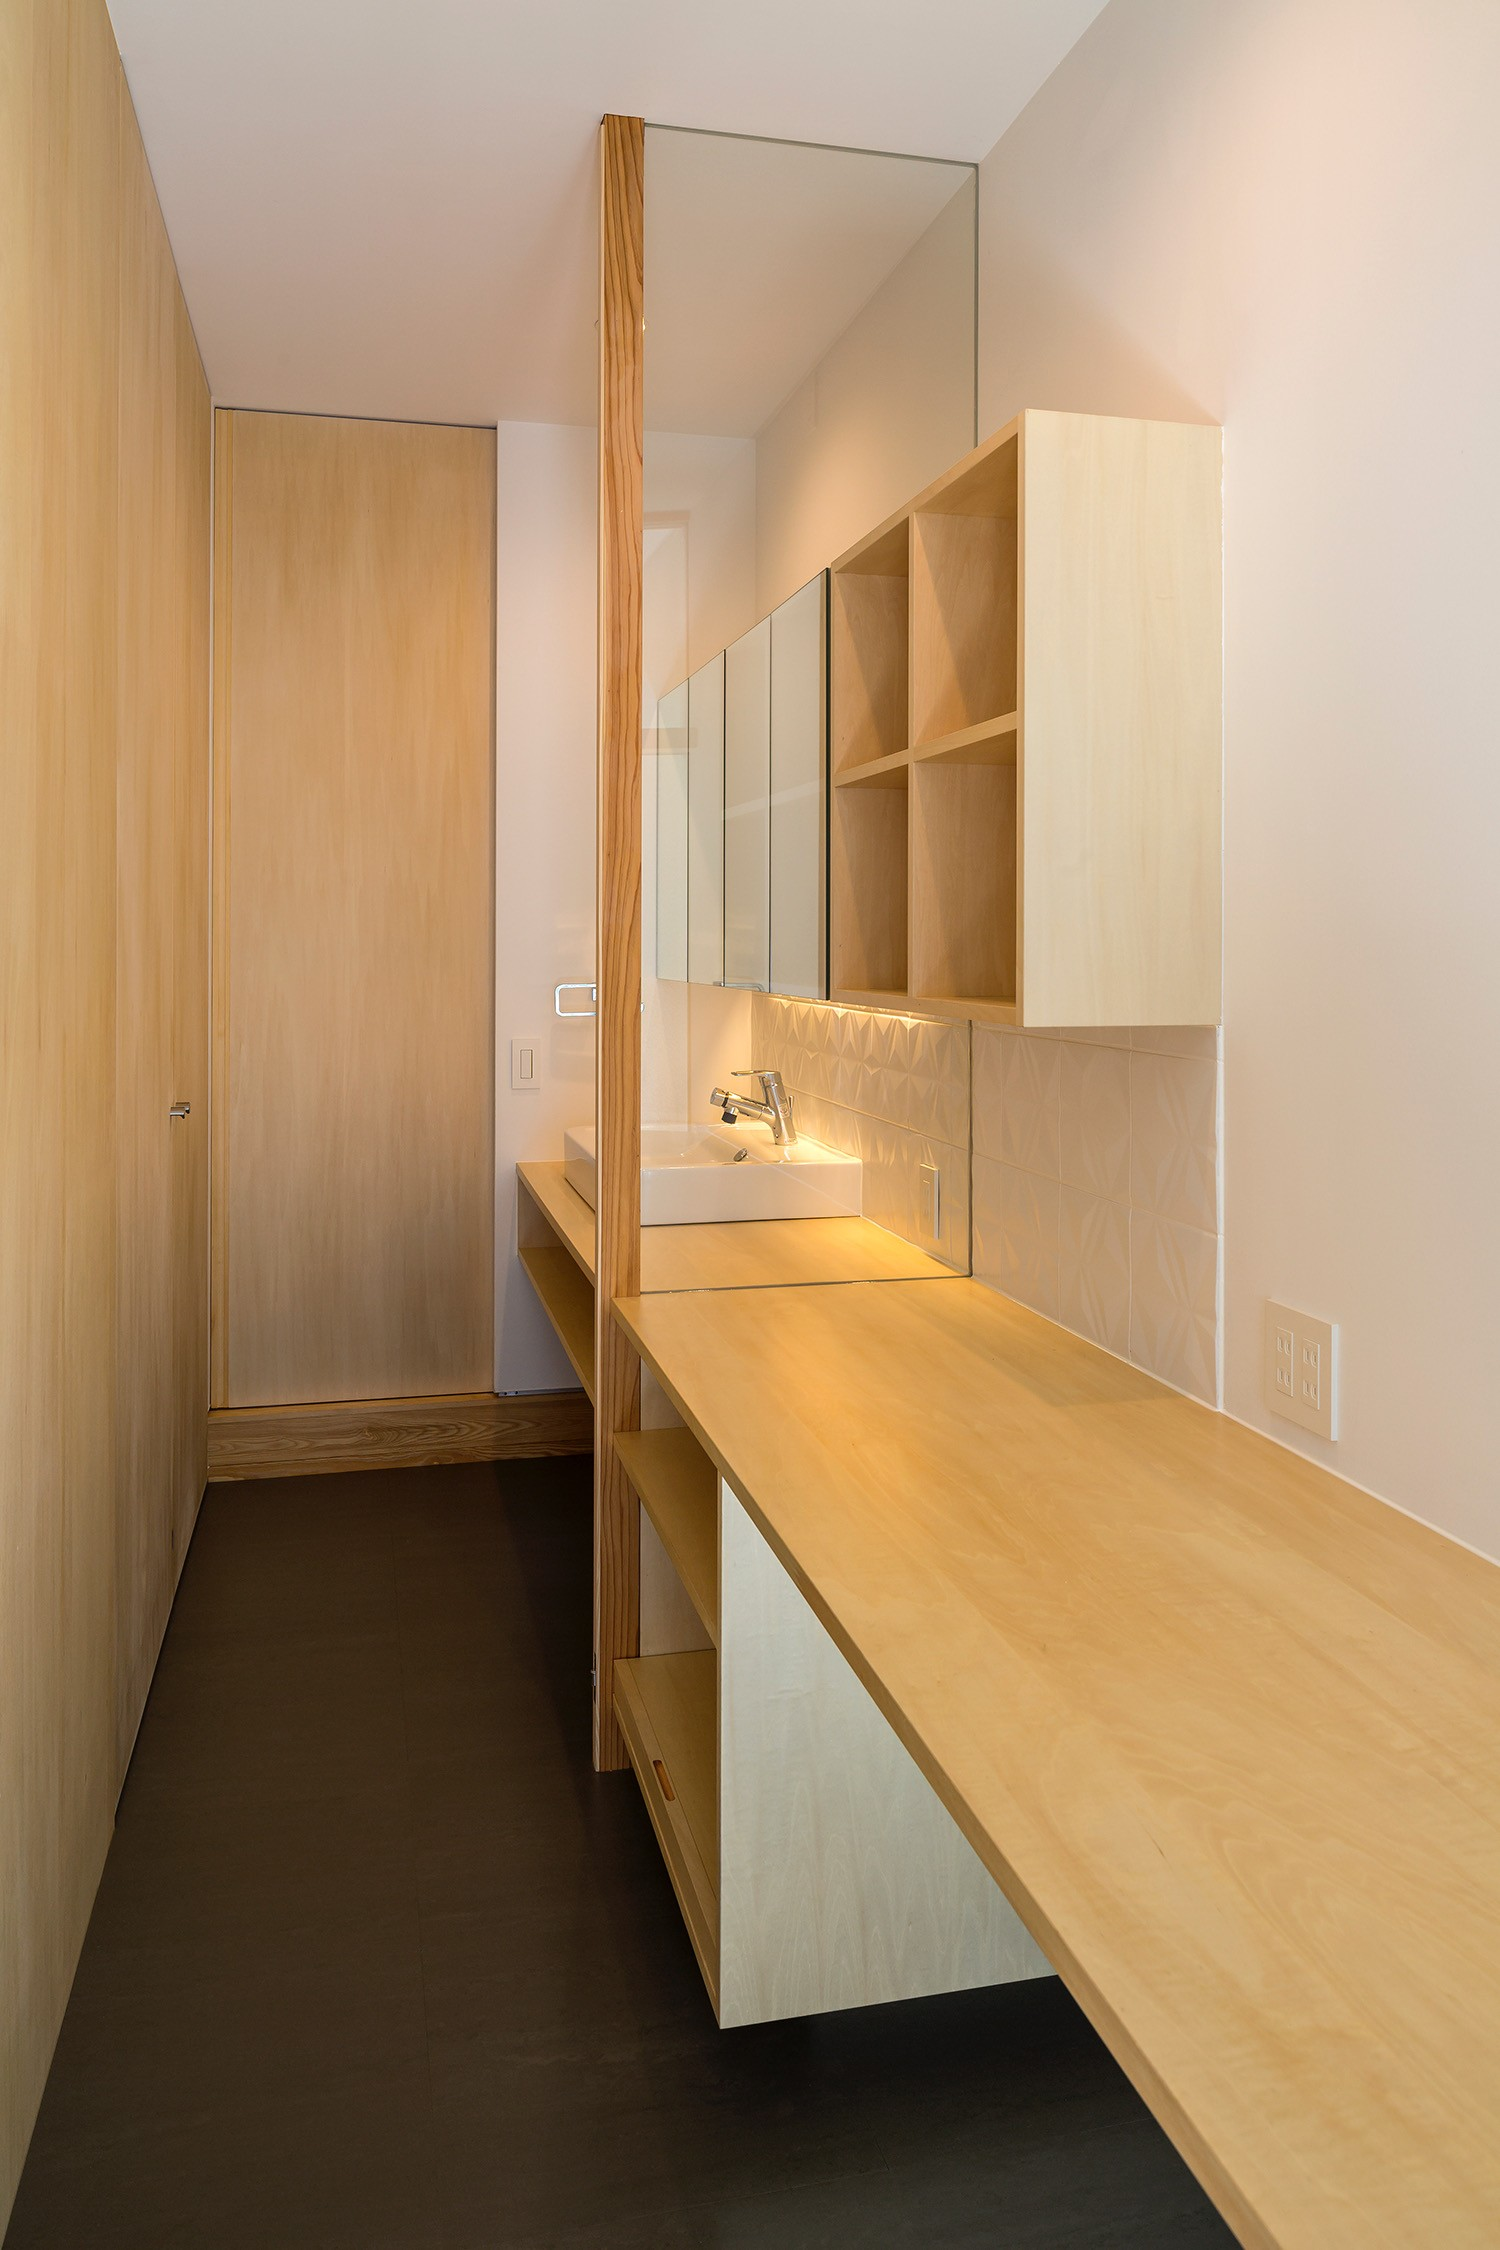 その他事例:書斎・洗面(elnath/平面的、立体的な斜めの壁によって構成された空間を考えてみる。)